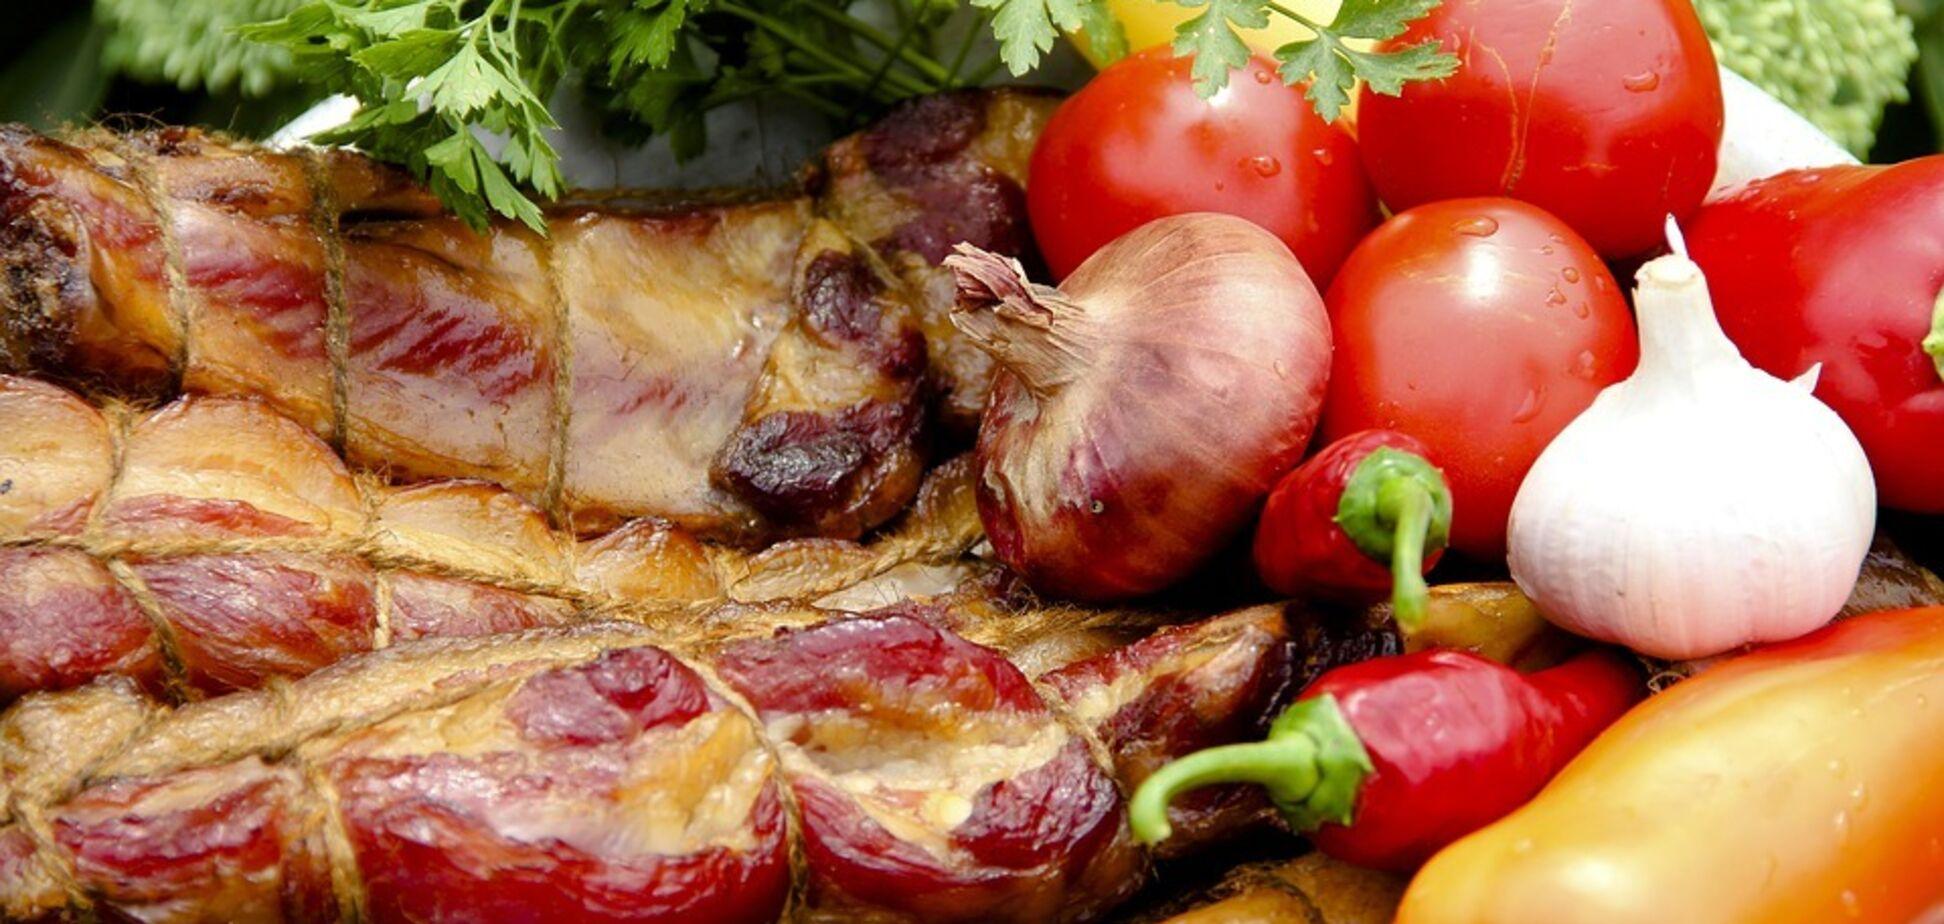 Рецепт найкращої м'ясної страви з помідорами